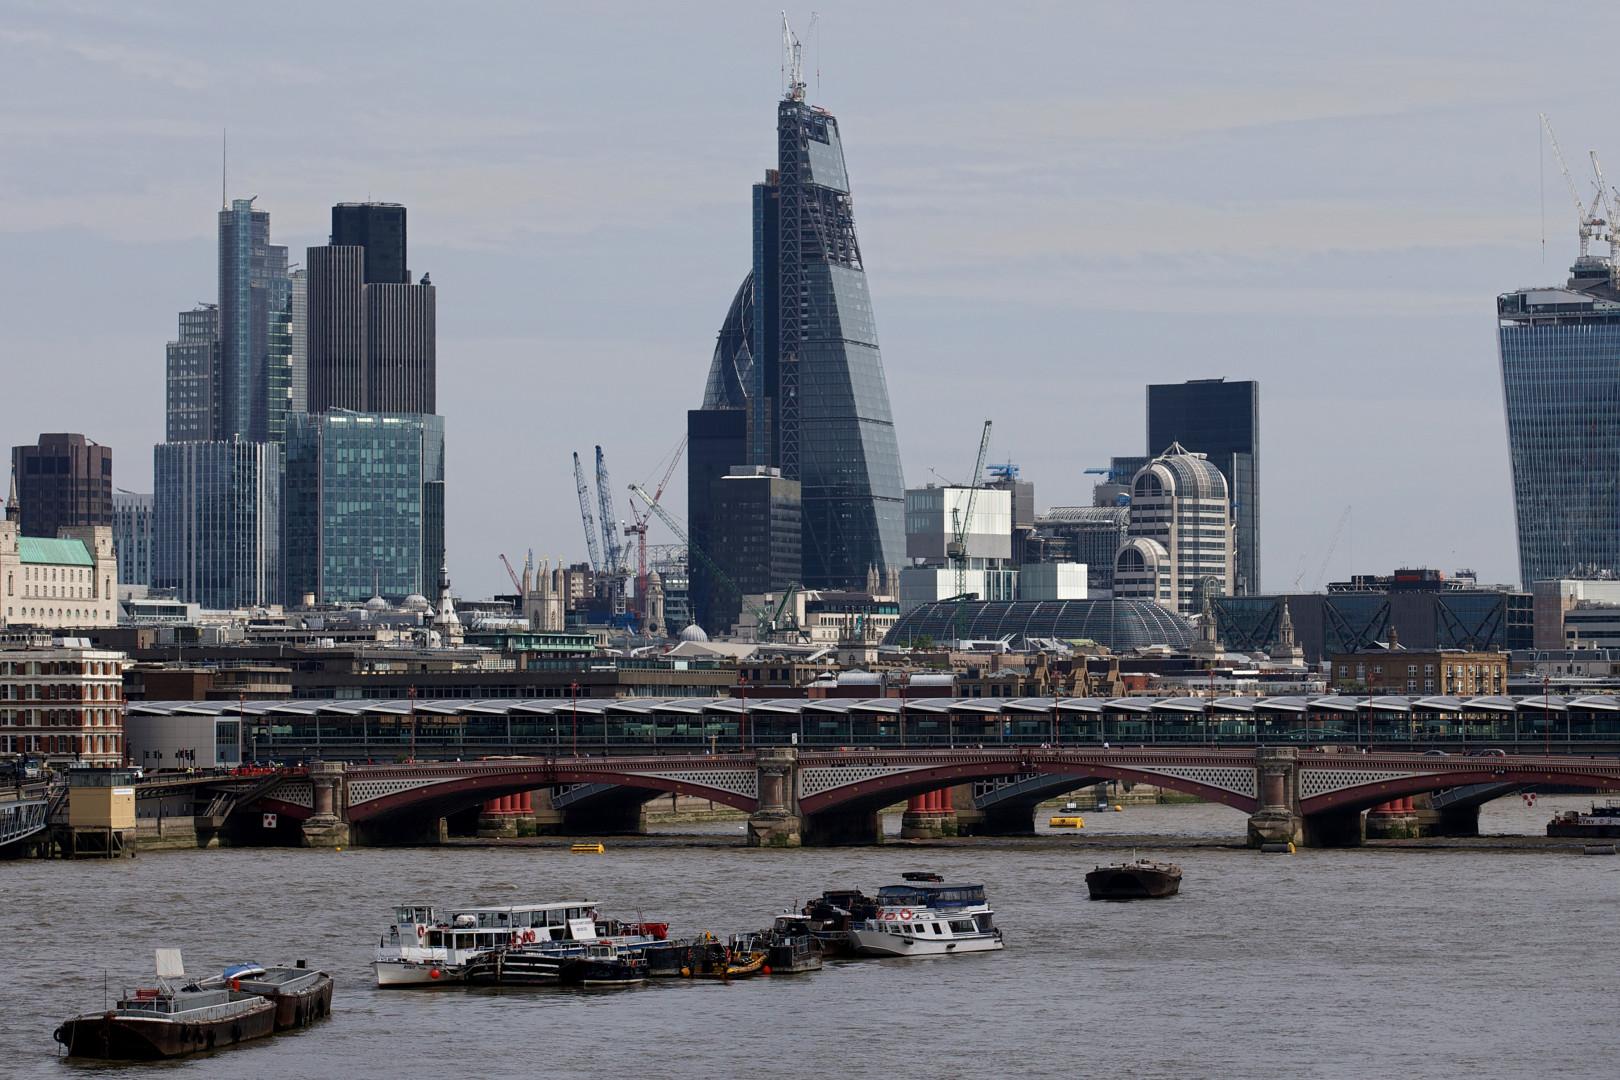 Londres est la 9e destination préférée des Français pour l'été 2015, selon Skyscanner (illustration)